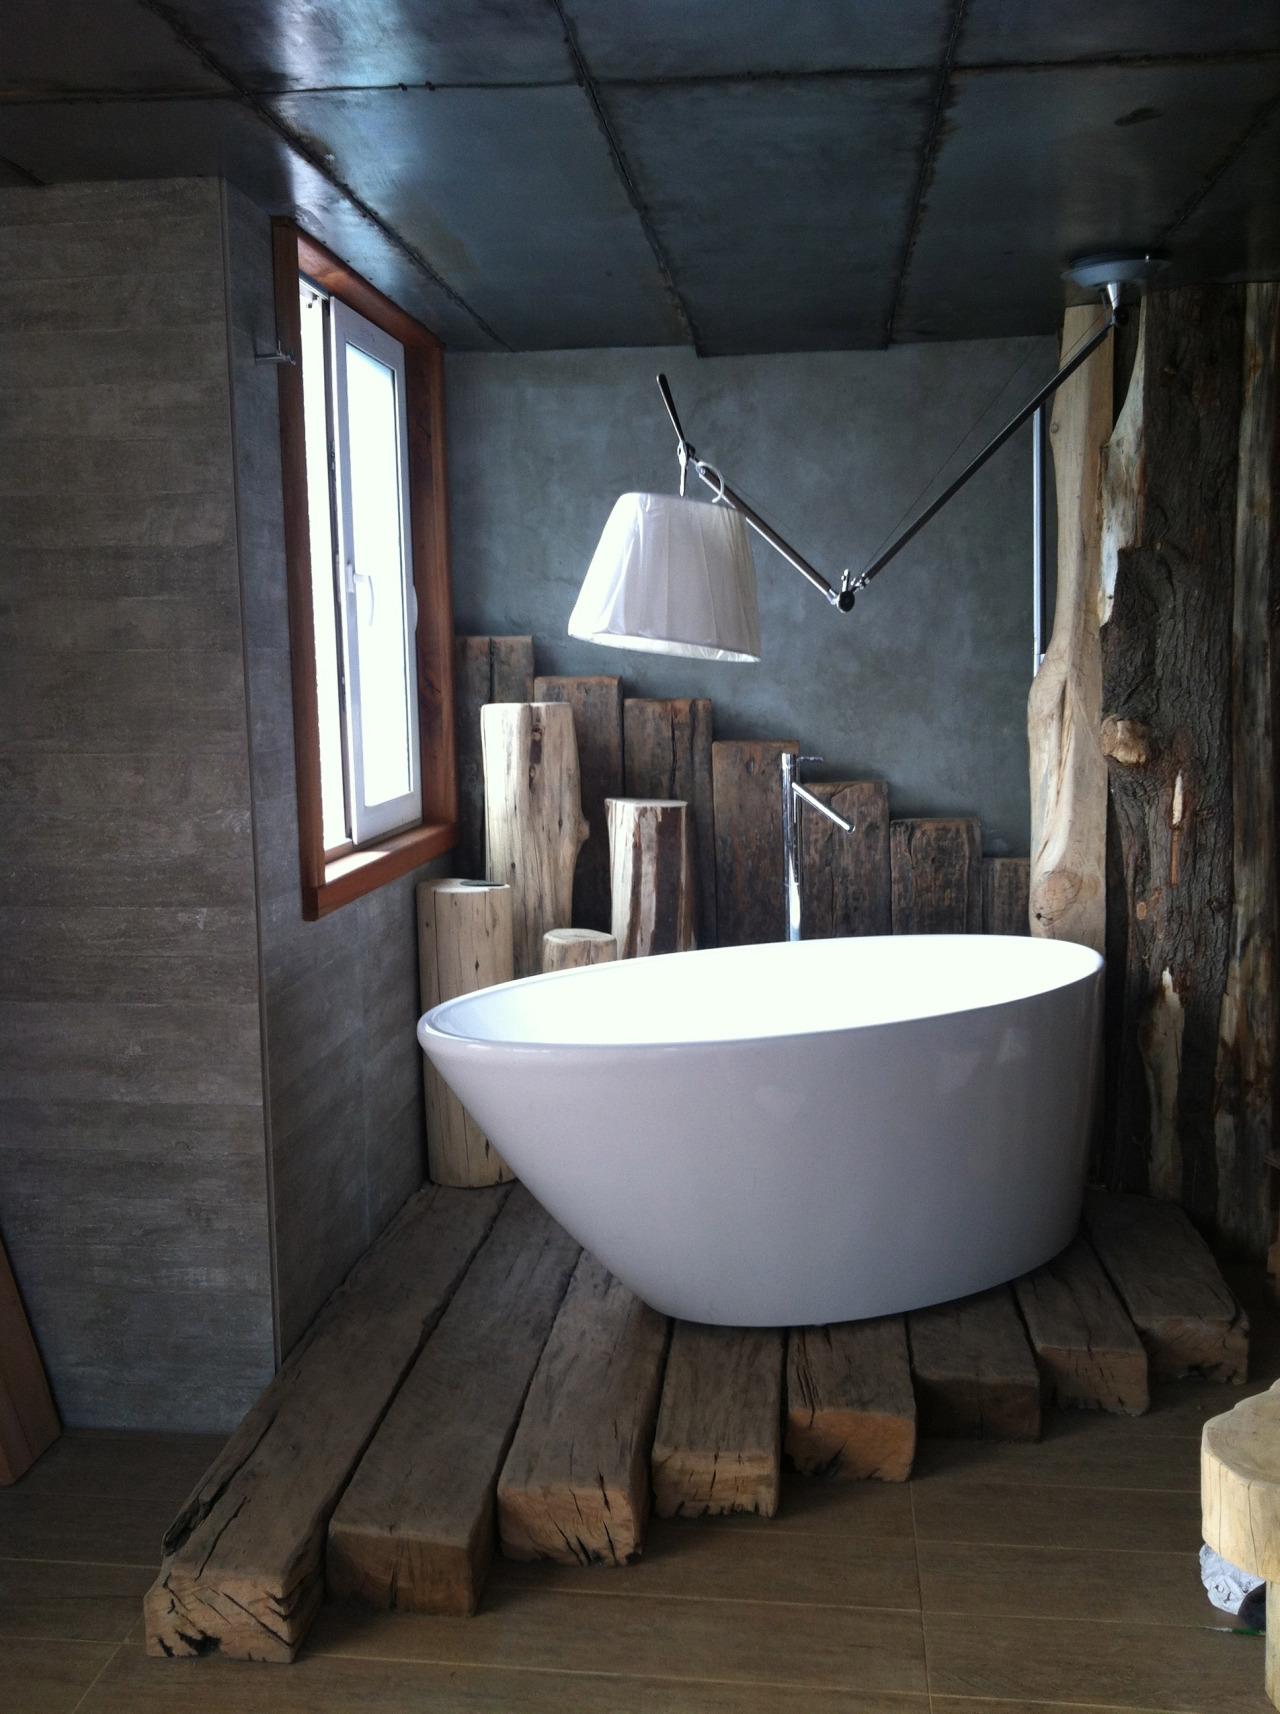 Banheiro Pequeno com Banheira: 25 Ideias pra Você! Blog Siote #476684 1280x1714 Banheira Alvenaria Banheiro Pequeno